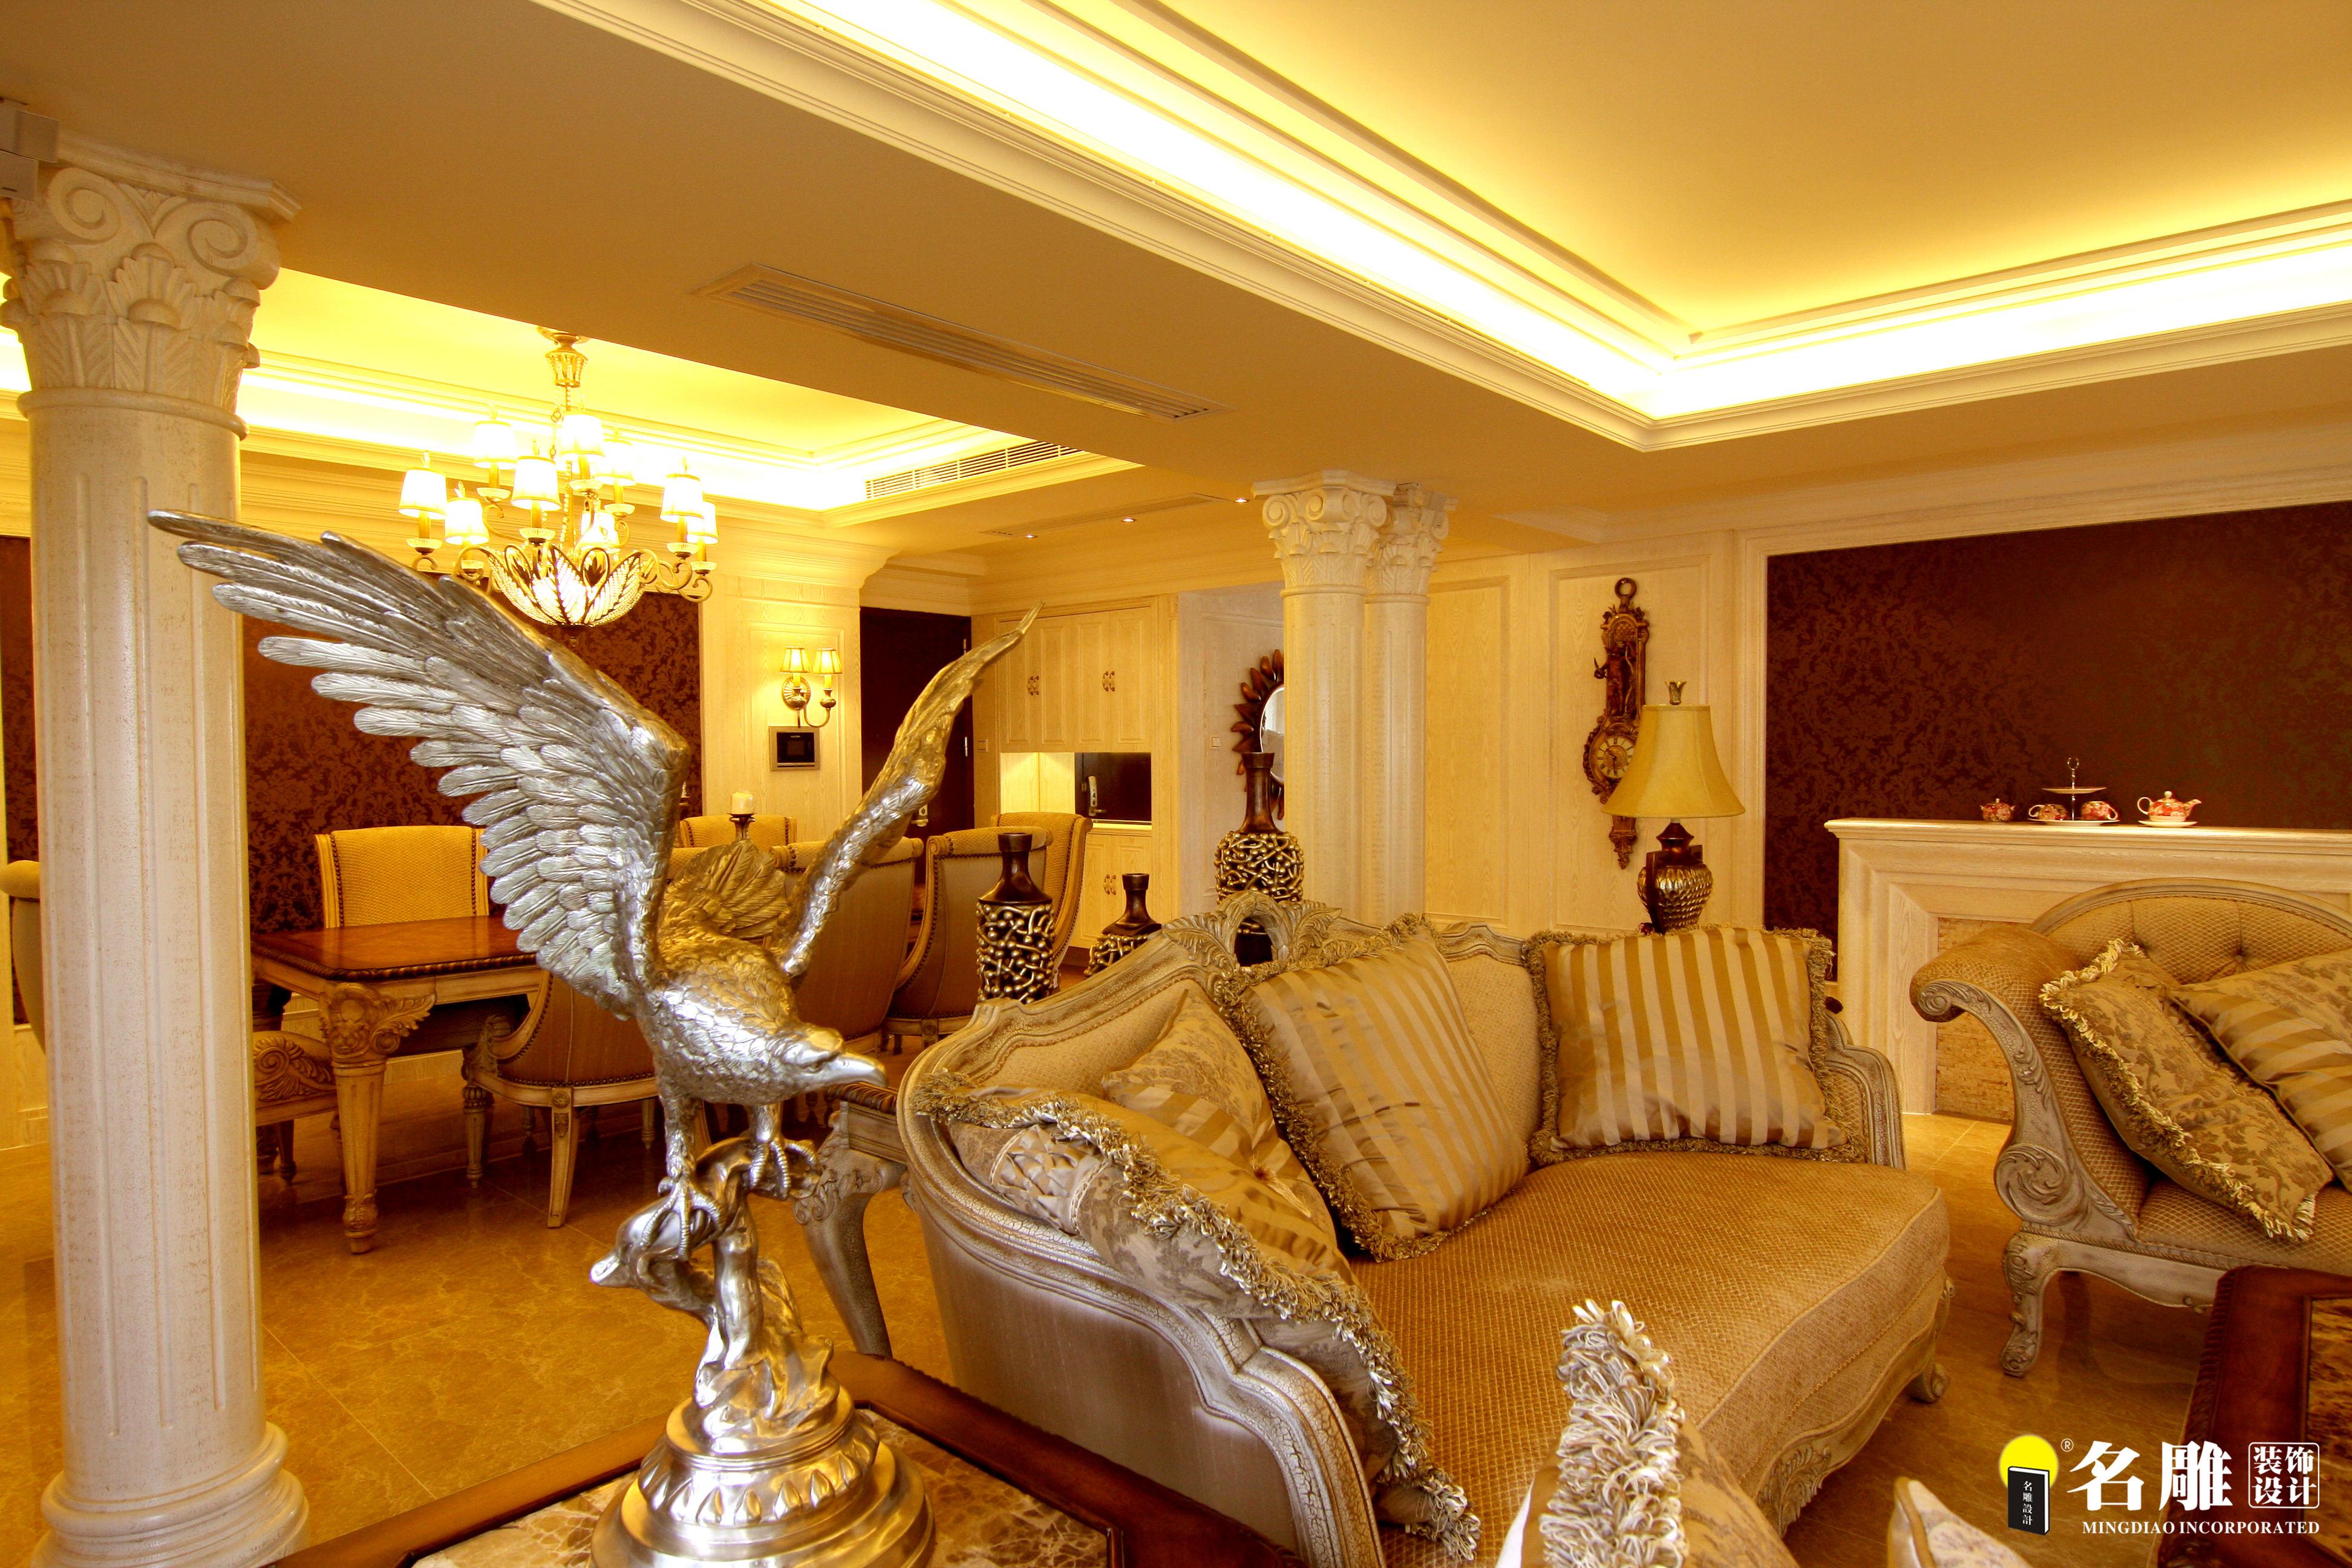 欧式 三居 高富帅 中信红树湾 名雕装饰 白富美 奢华家居 其他图片来自名雕装饰邓工在欧式风格-160平三居室奢华家装的分享